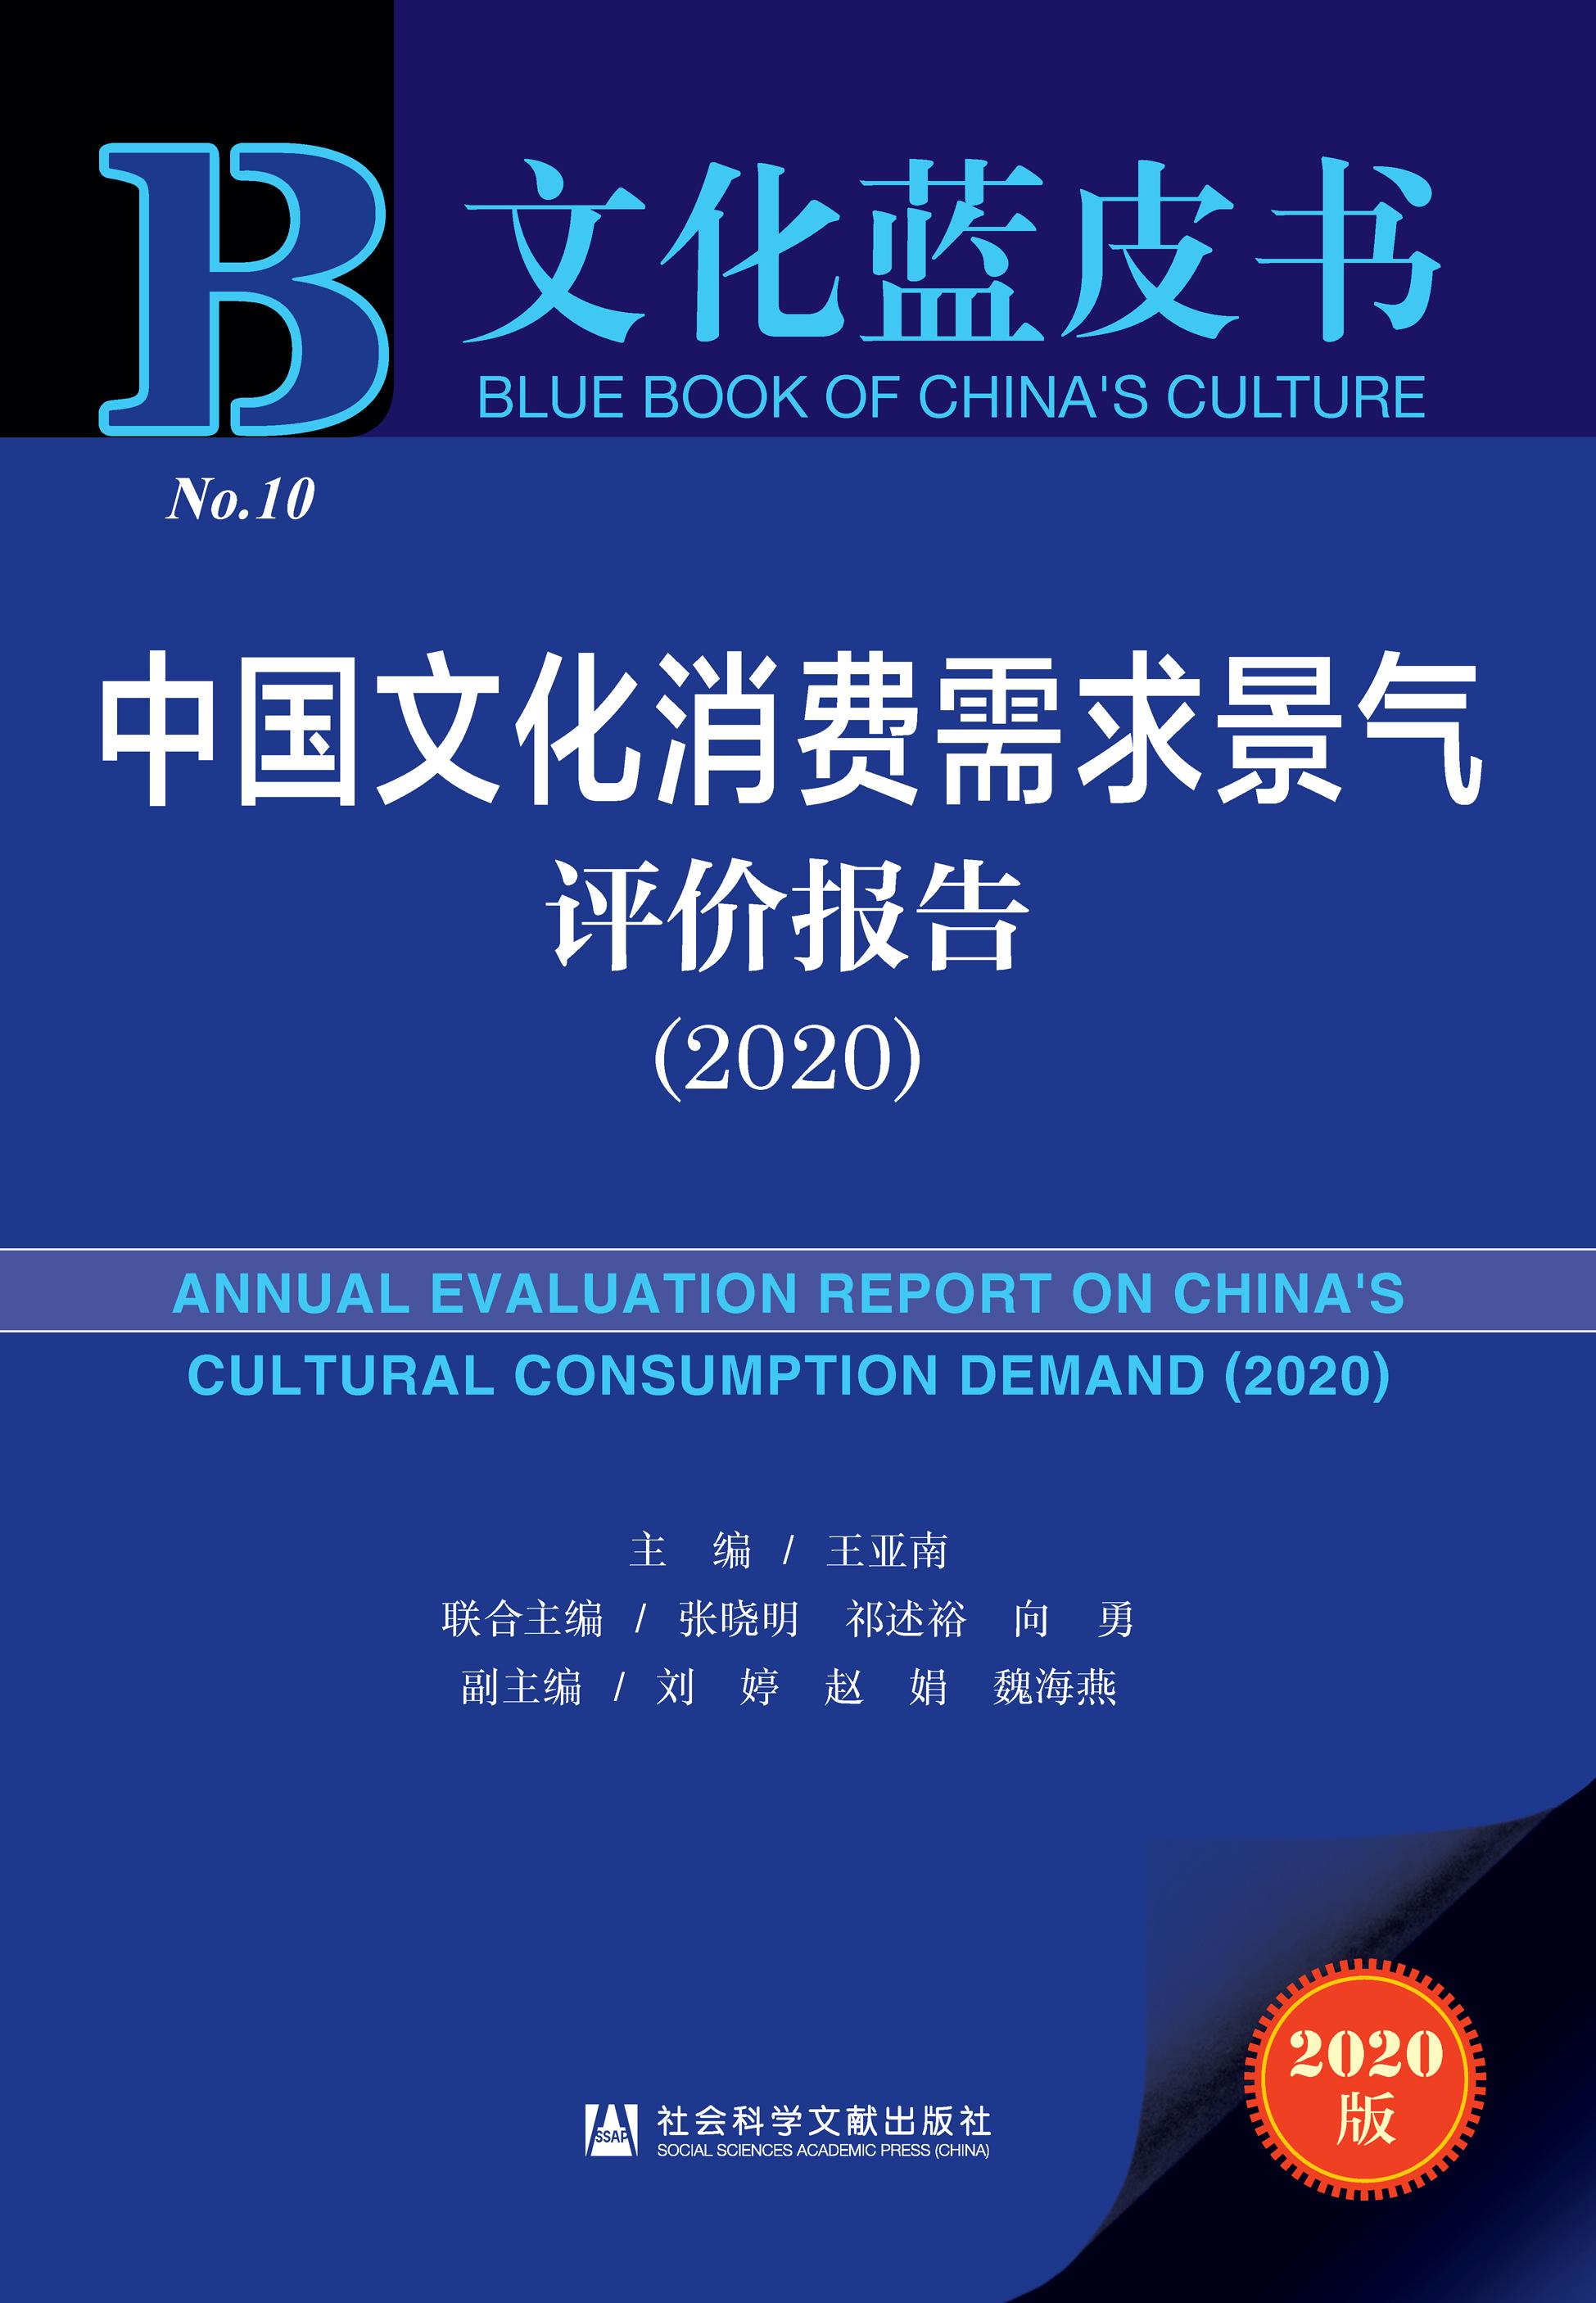 中国文化消费需求景气评价报告(2020)